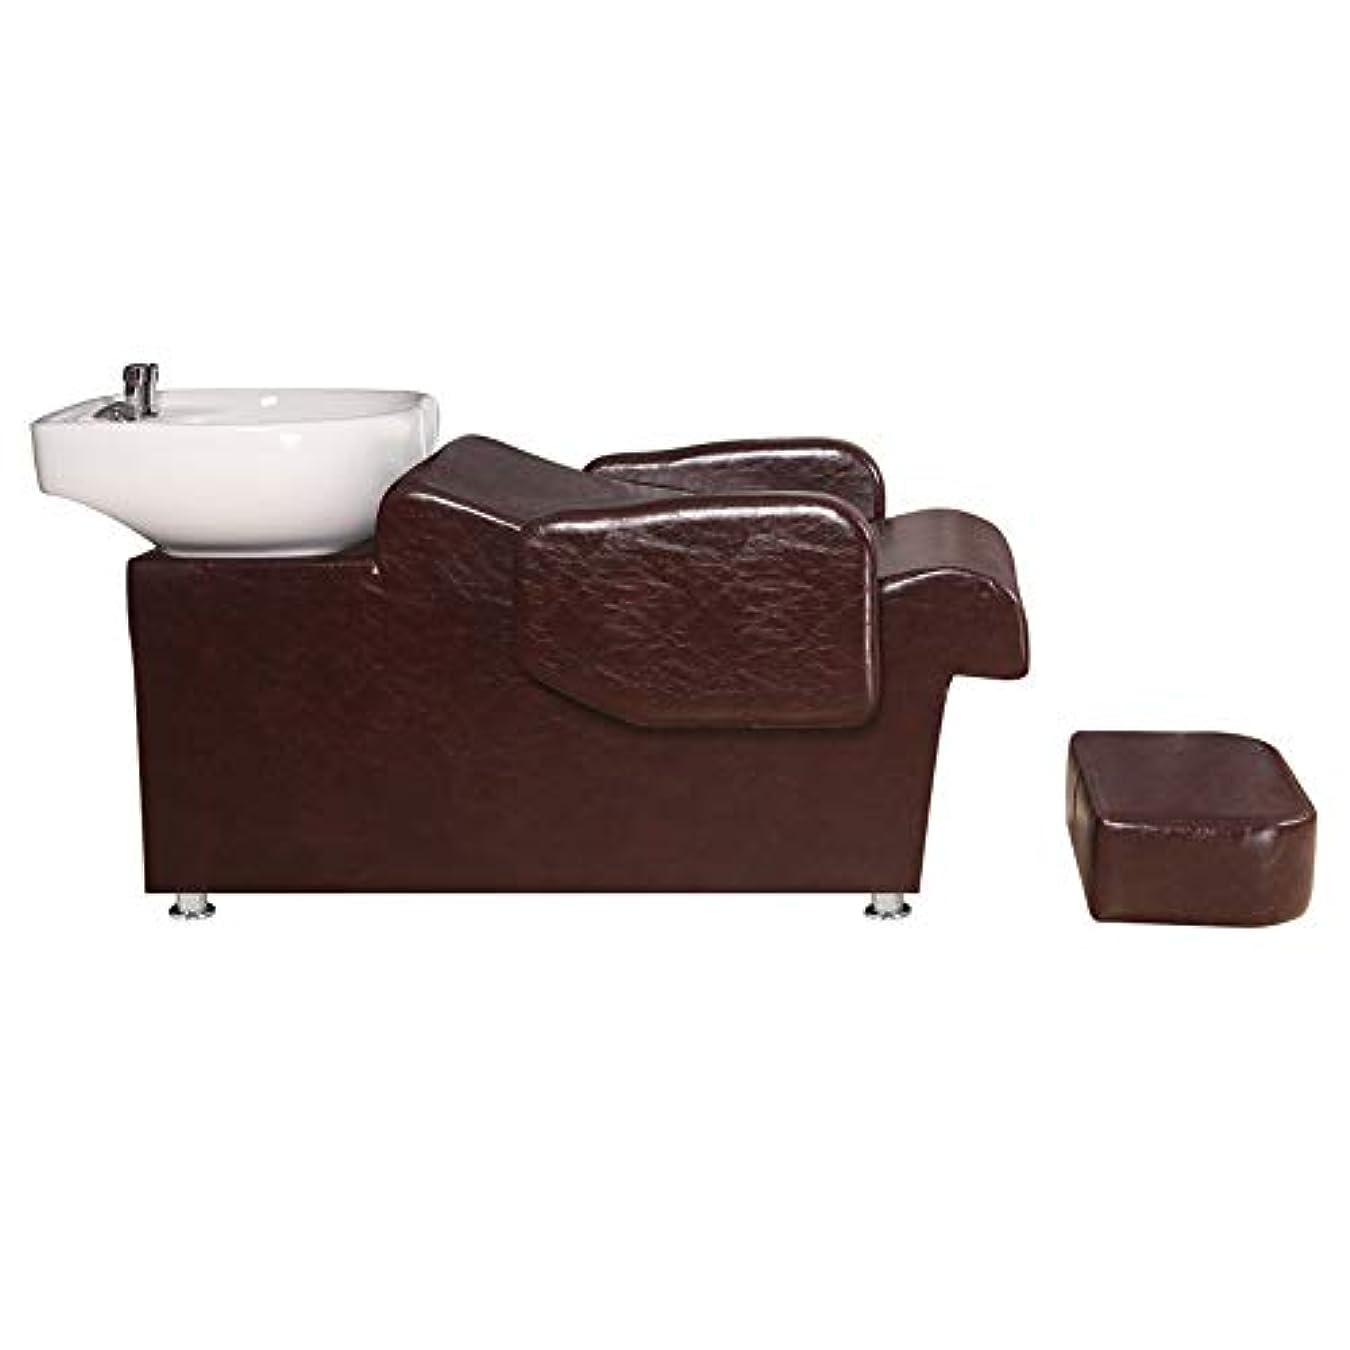 有益なシュガー忍耐シャンプーの理髪師の逆洗の椅子、鉱泉の美容院のためのシャンプーボールの流しの椅子半横たわっている鉱泉の美容院装置